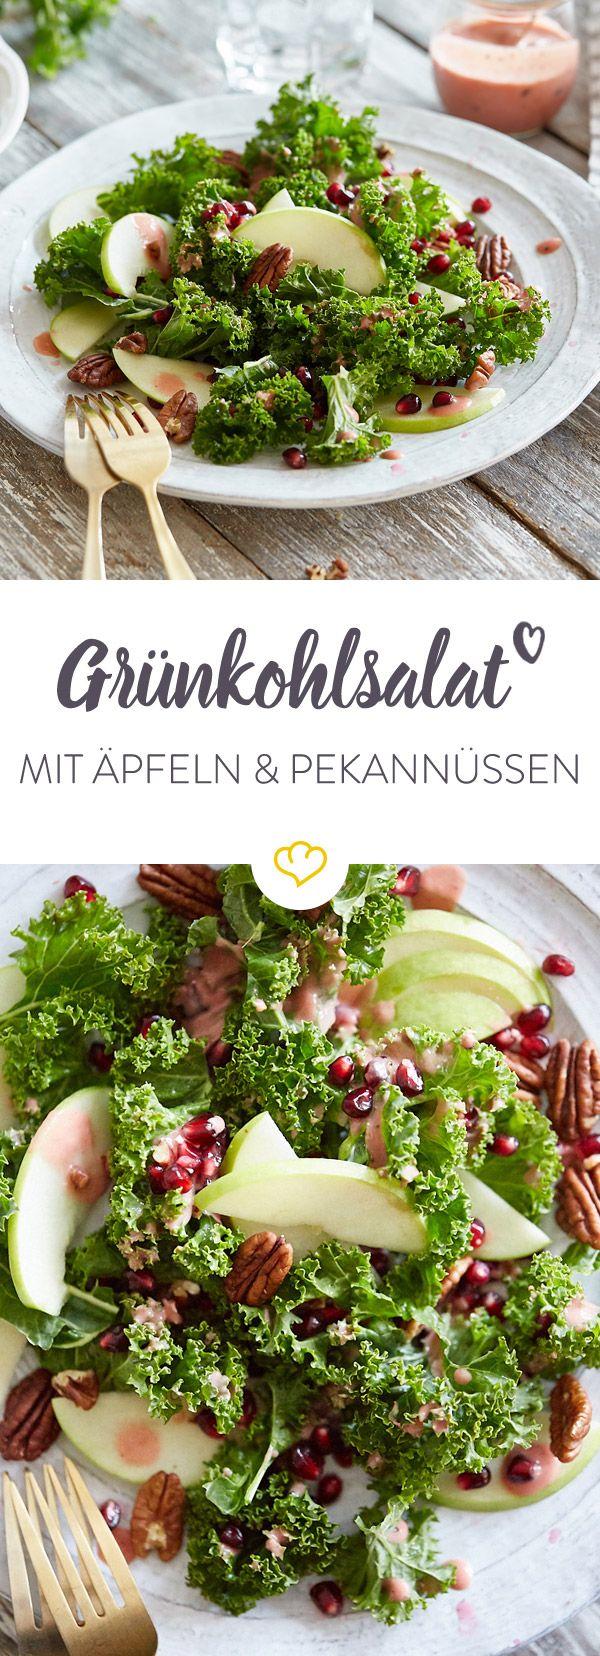 Vitaminbombe an kalten Tagen: Dieser Grünkohlsalat mit Äpfeln, Granatapfelkernen und Pekannüssen bringt dich genussvoll durch den Winter.